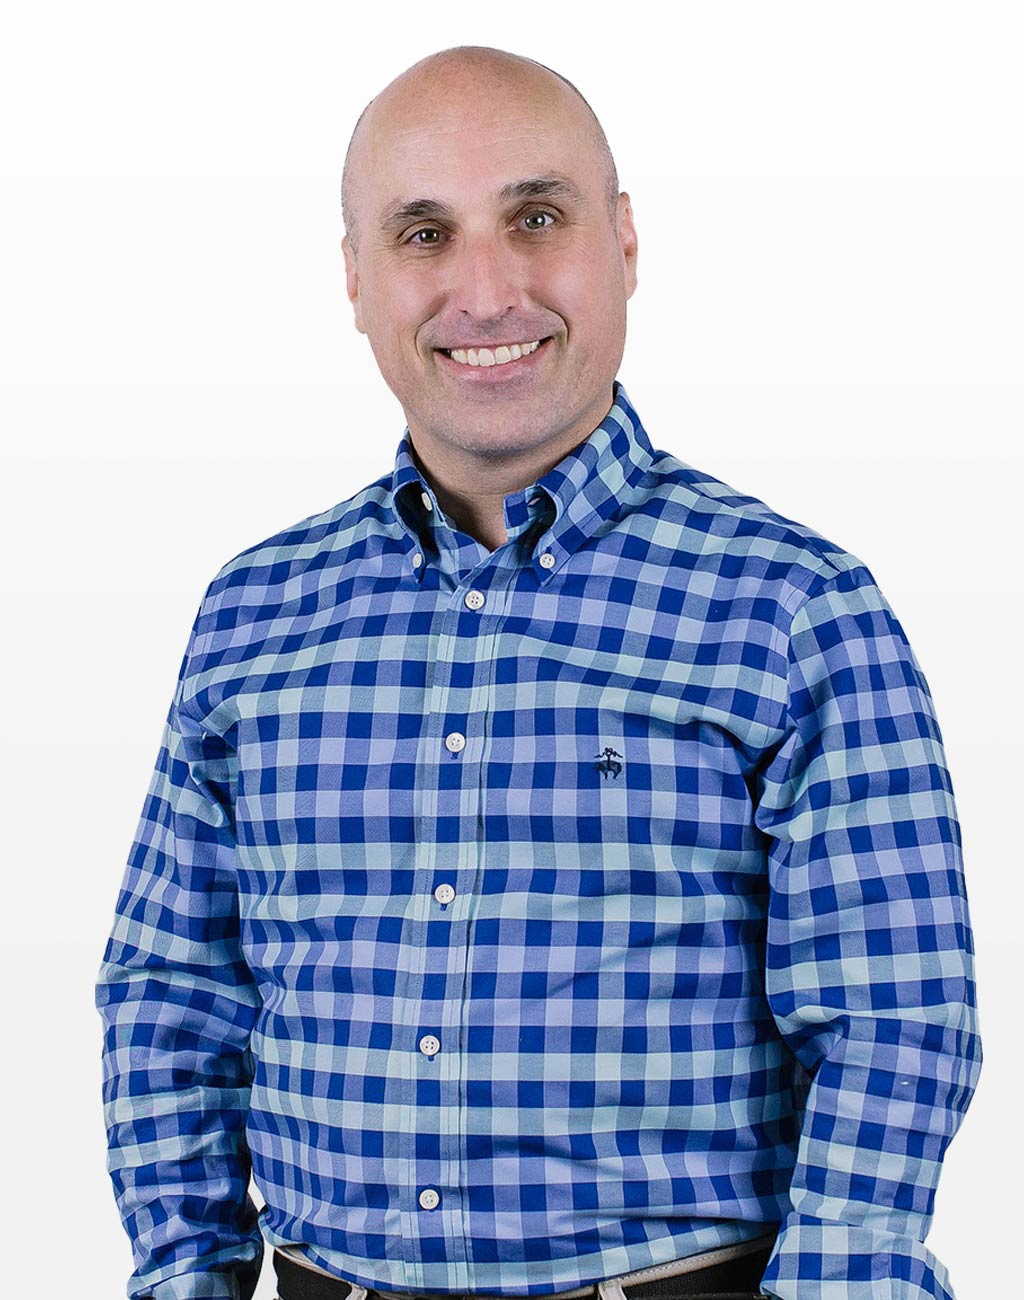 George Karapouloutidis